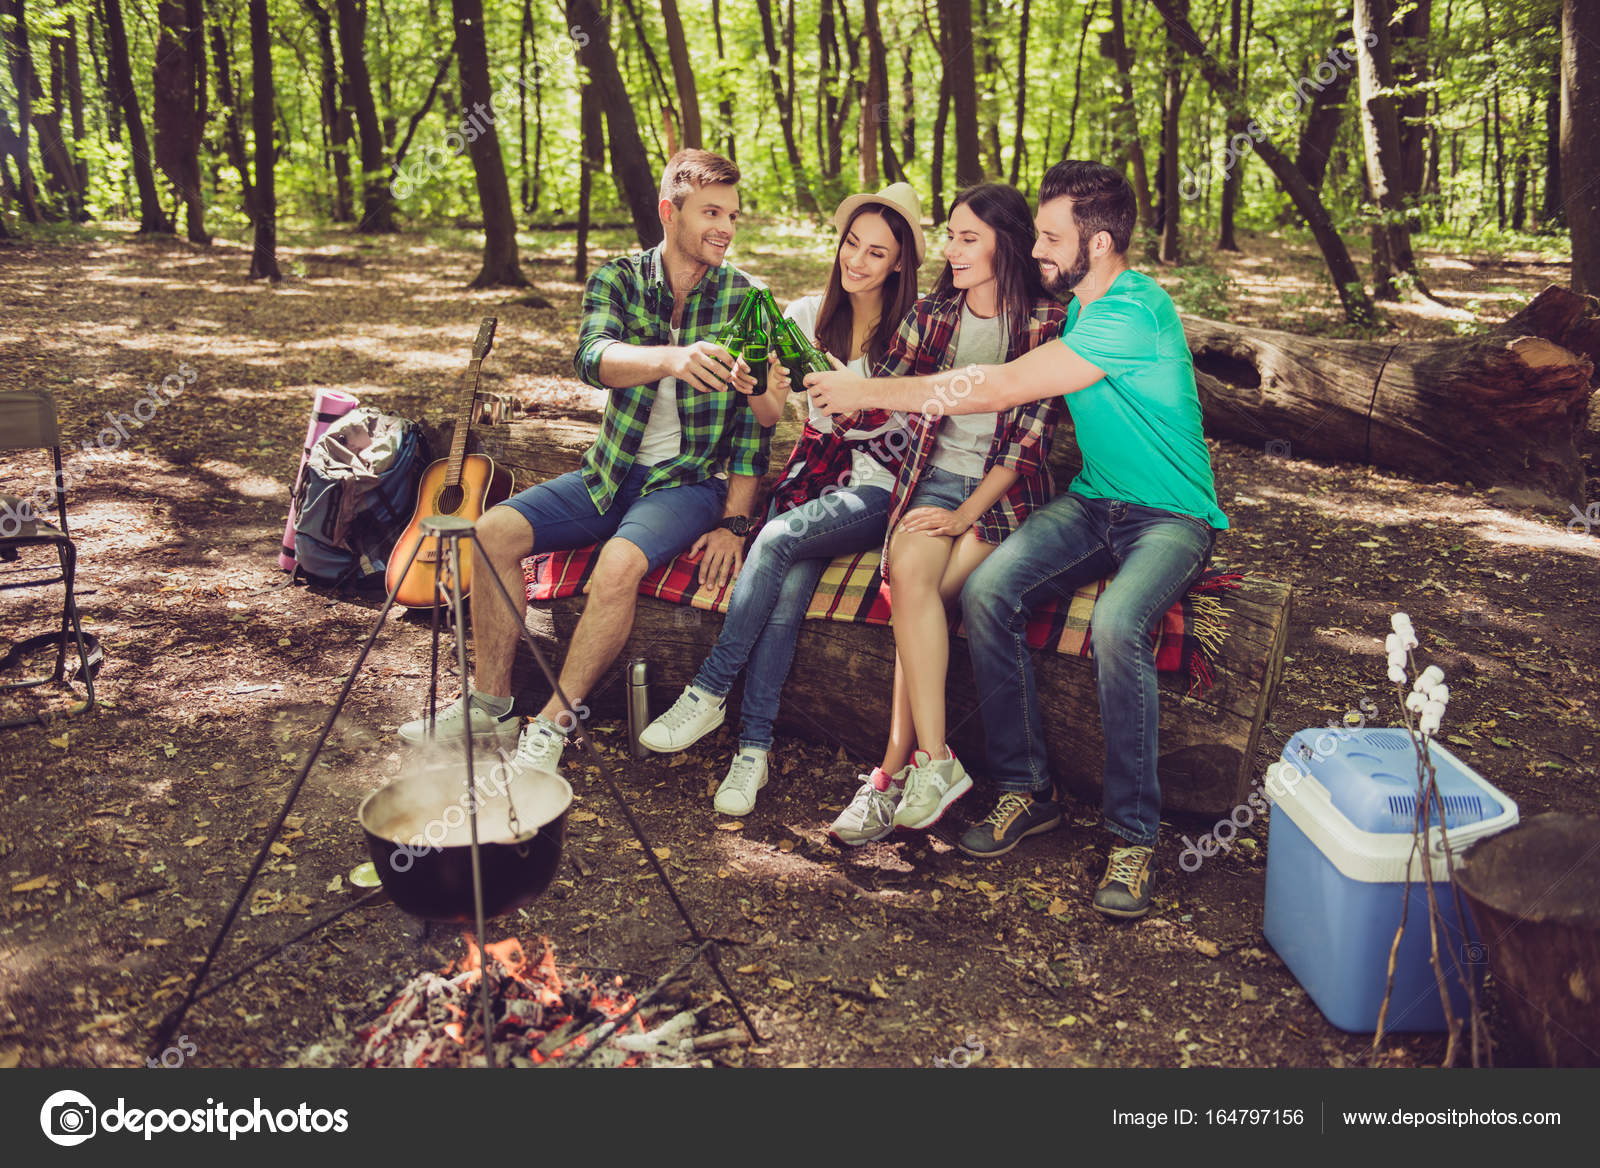 Секс групповой в лесу фото, Три худенькие молодухи раздеваются в лесу секс фото 20 фотография